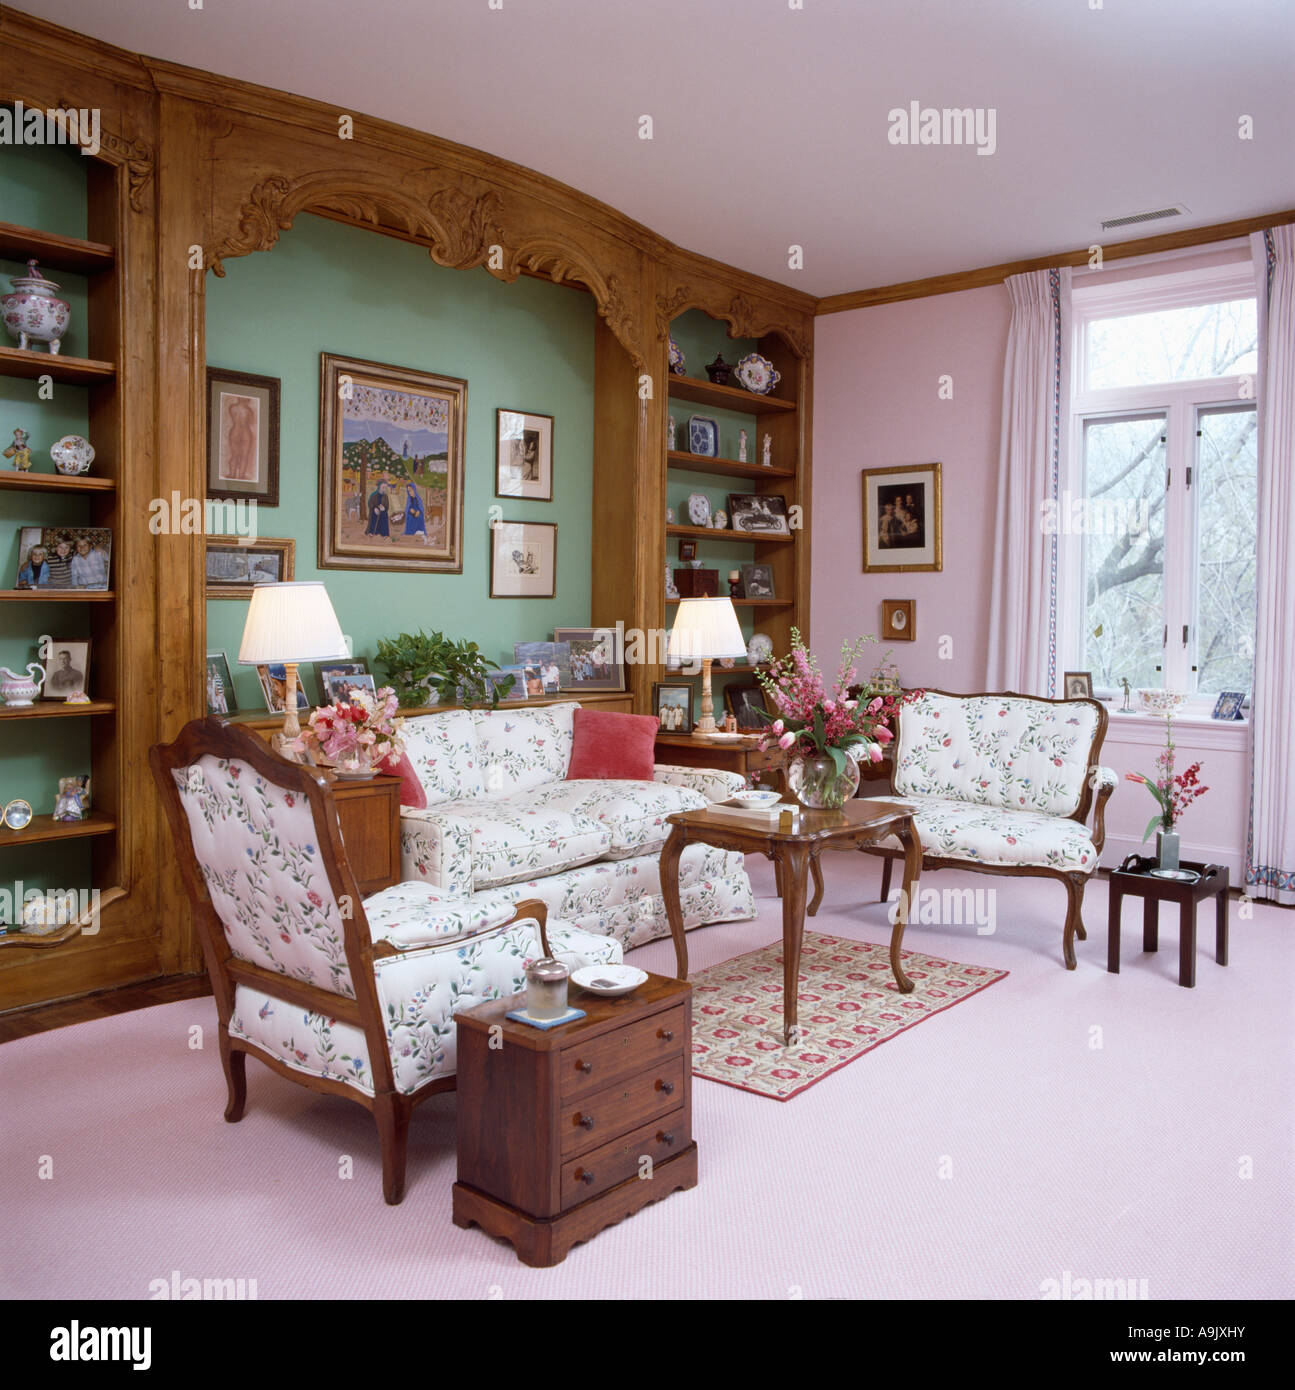 Anspruchsvoll Sofa Pastell Foto Von Geschnitzte Holz über Grüne Alkoven Mit In